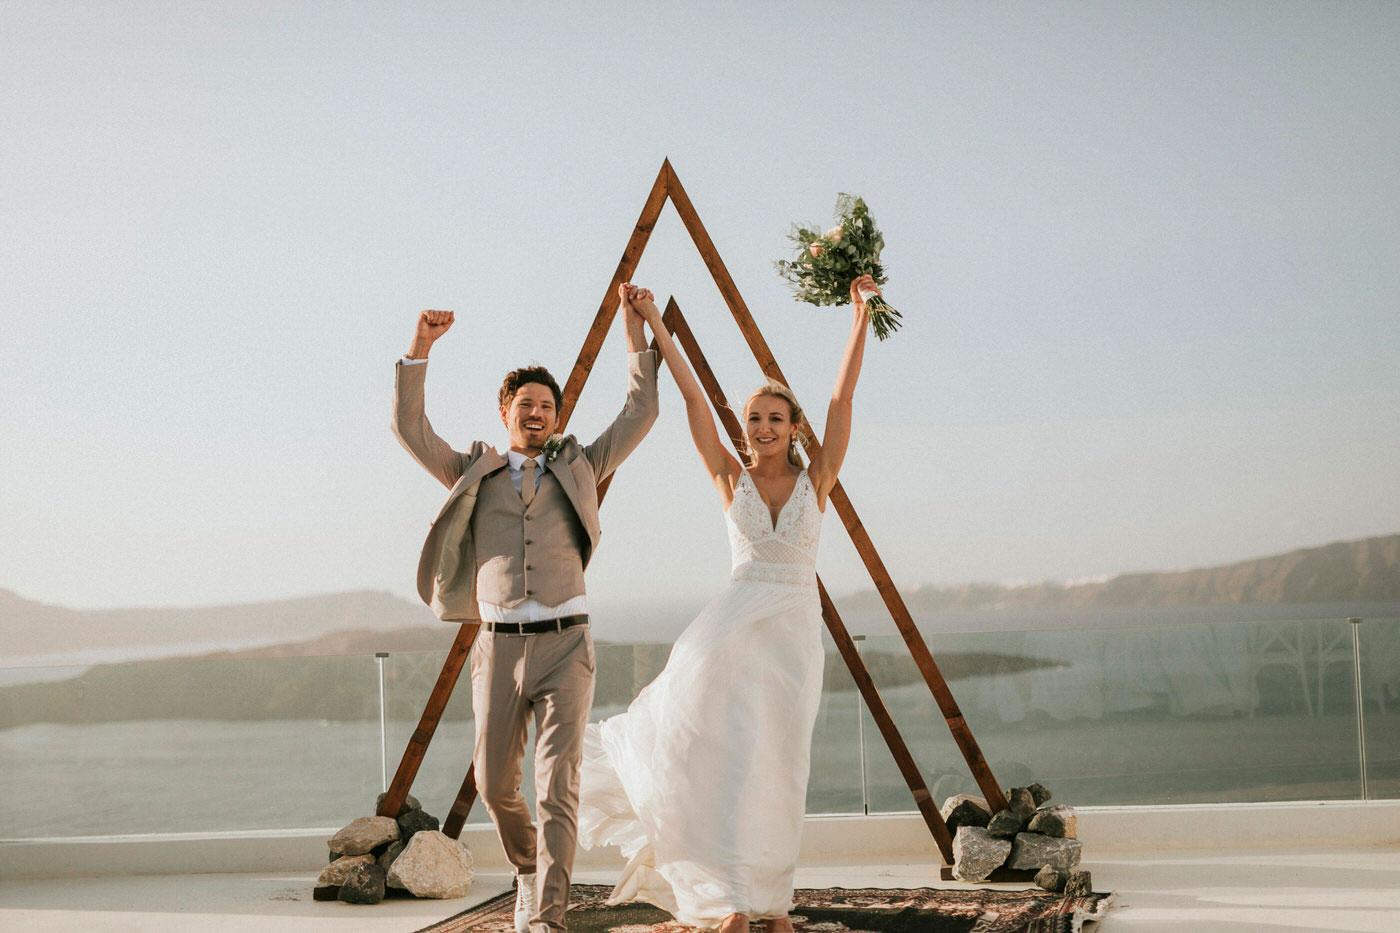 El Viento Wedding Venue